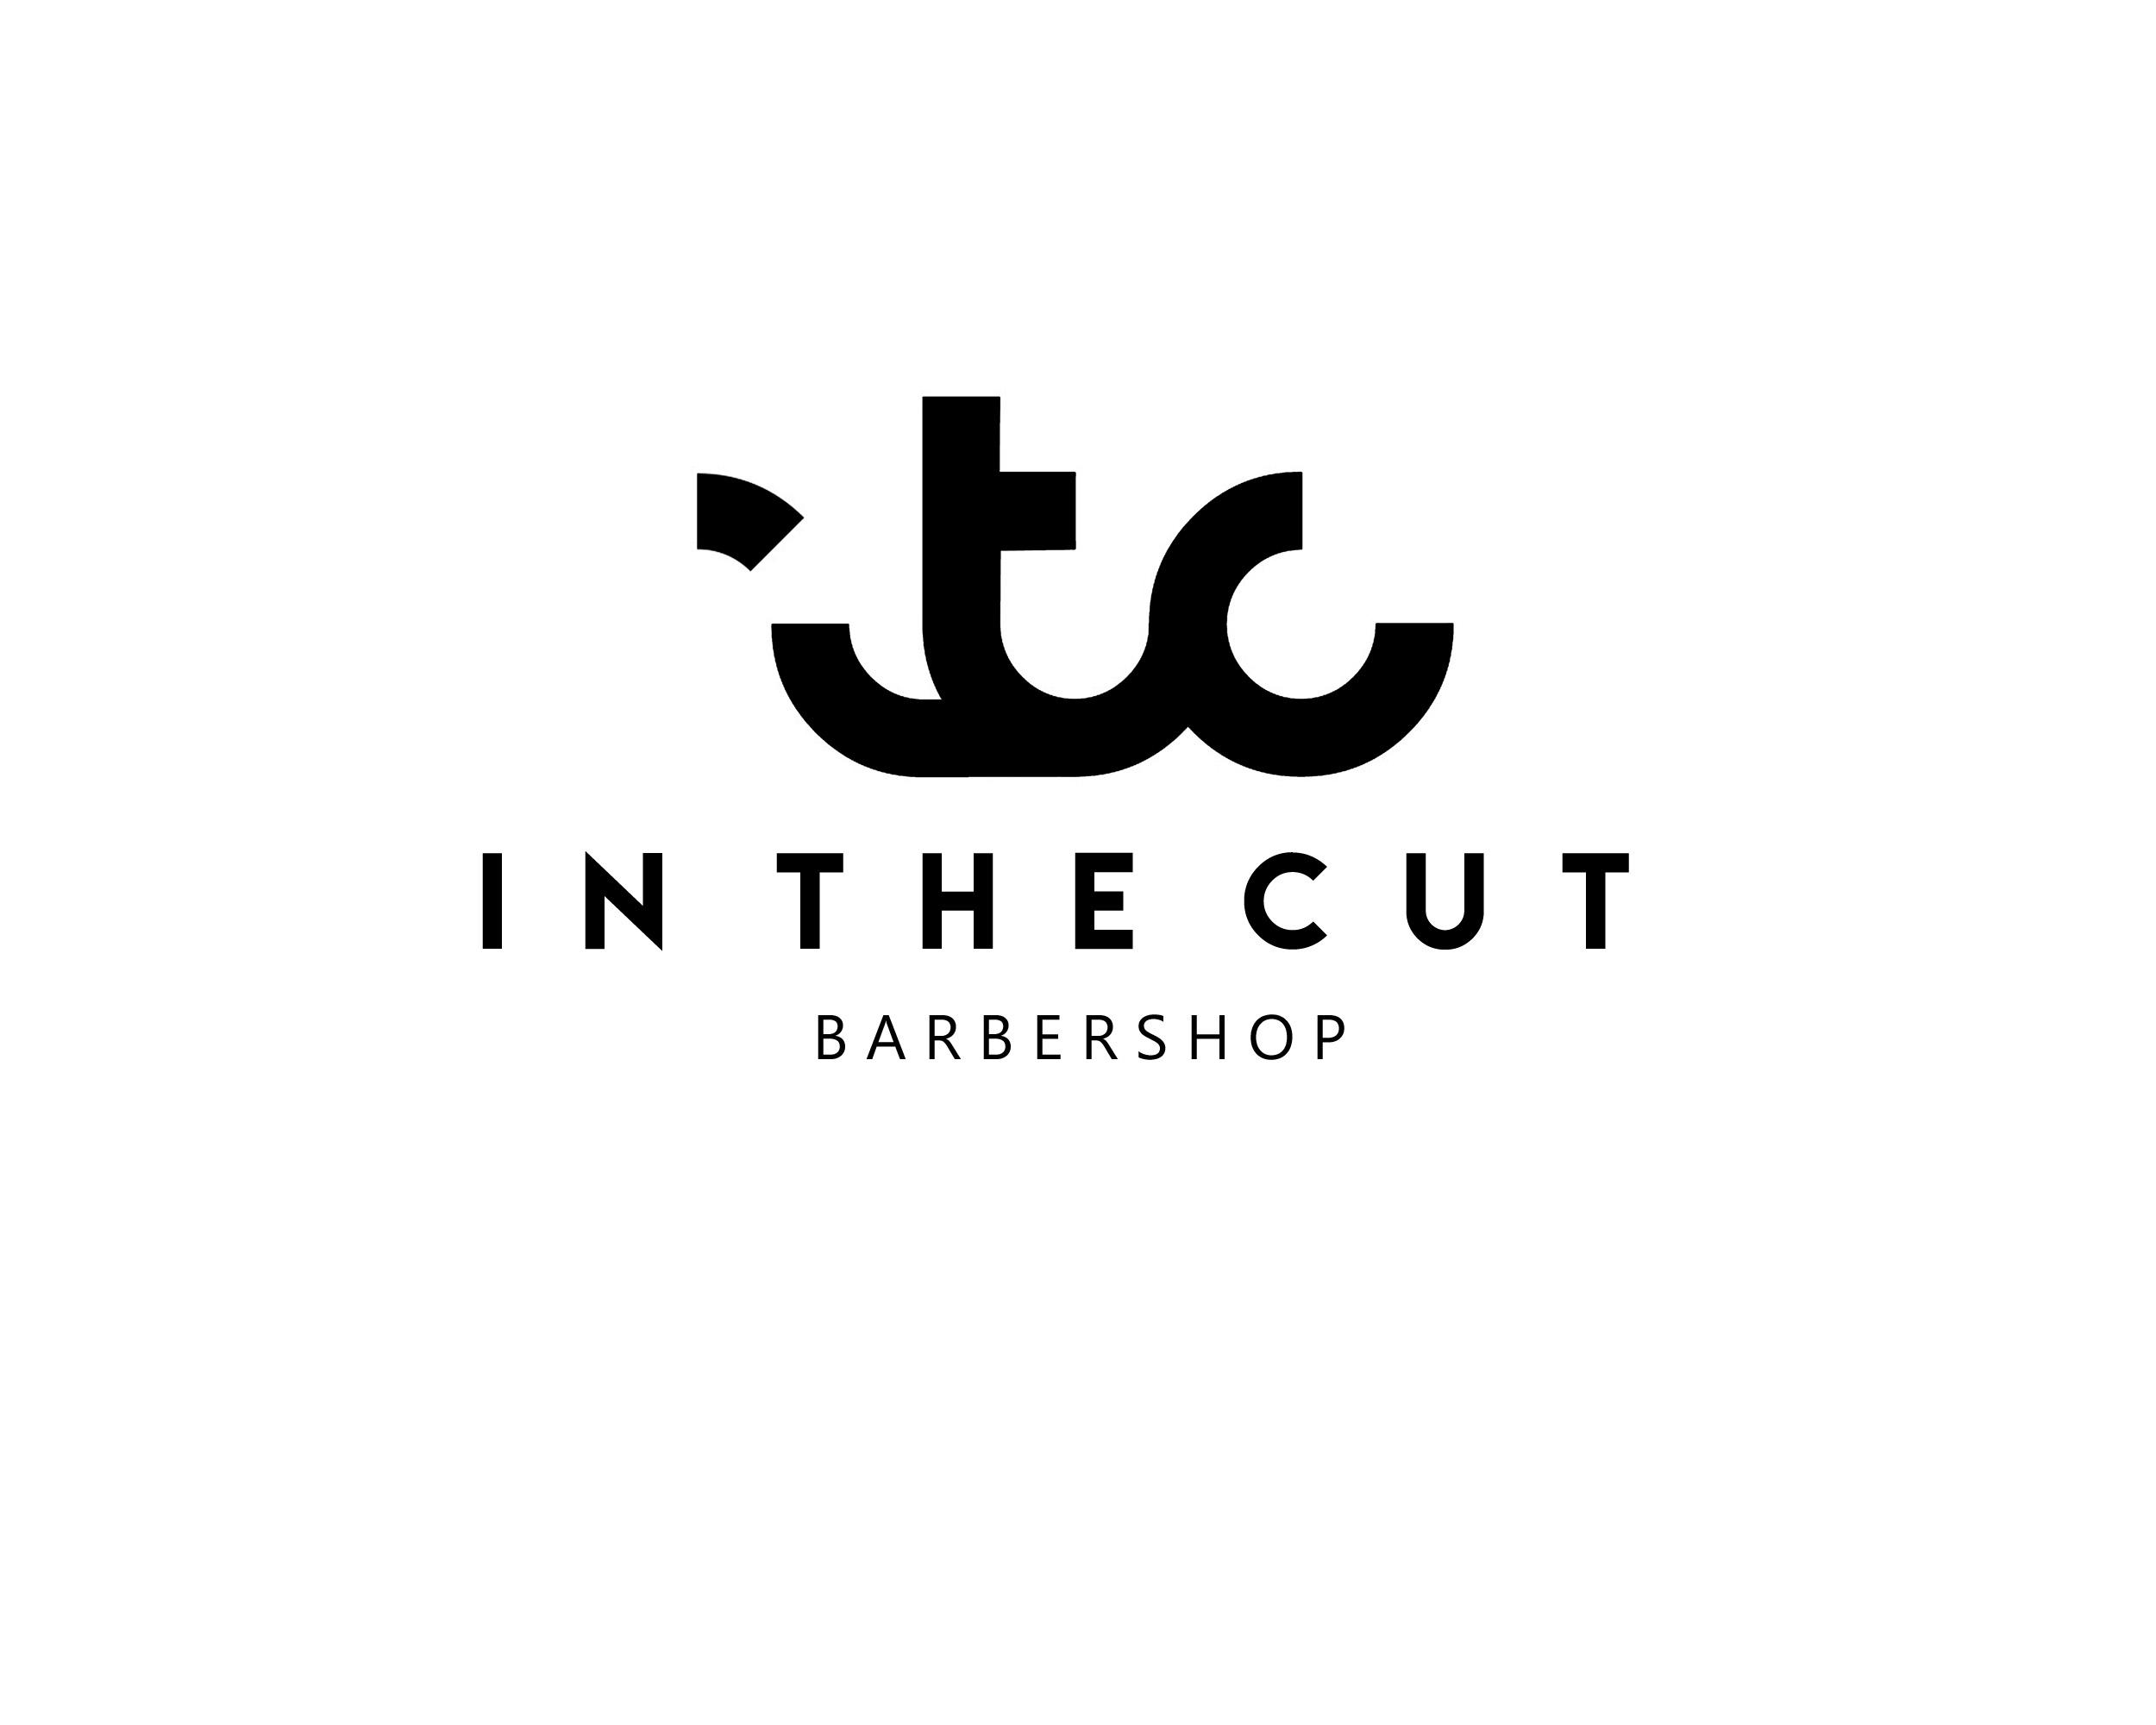 in the cut barbershop copy.jpg